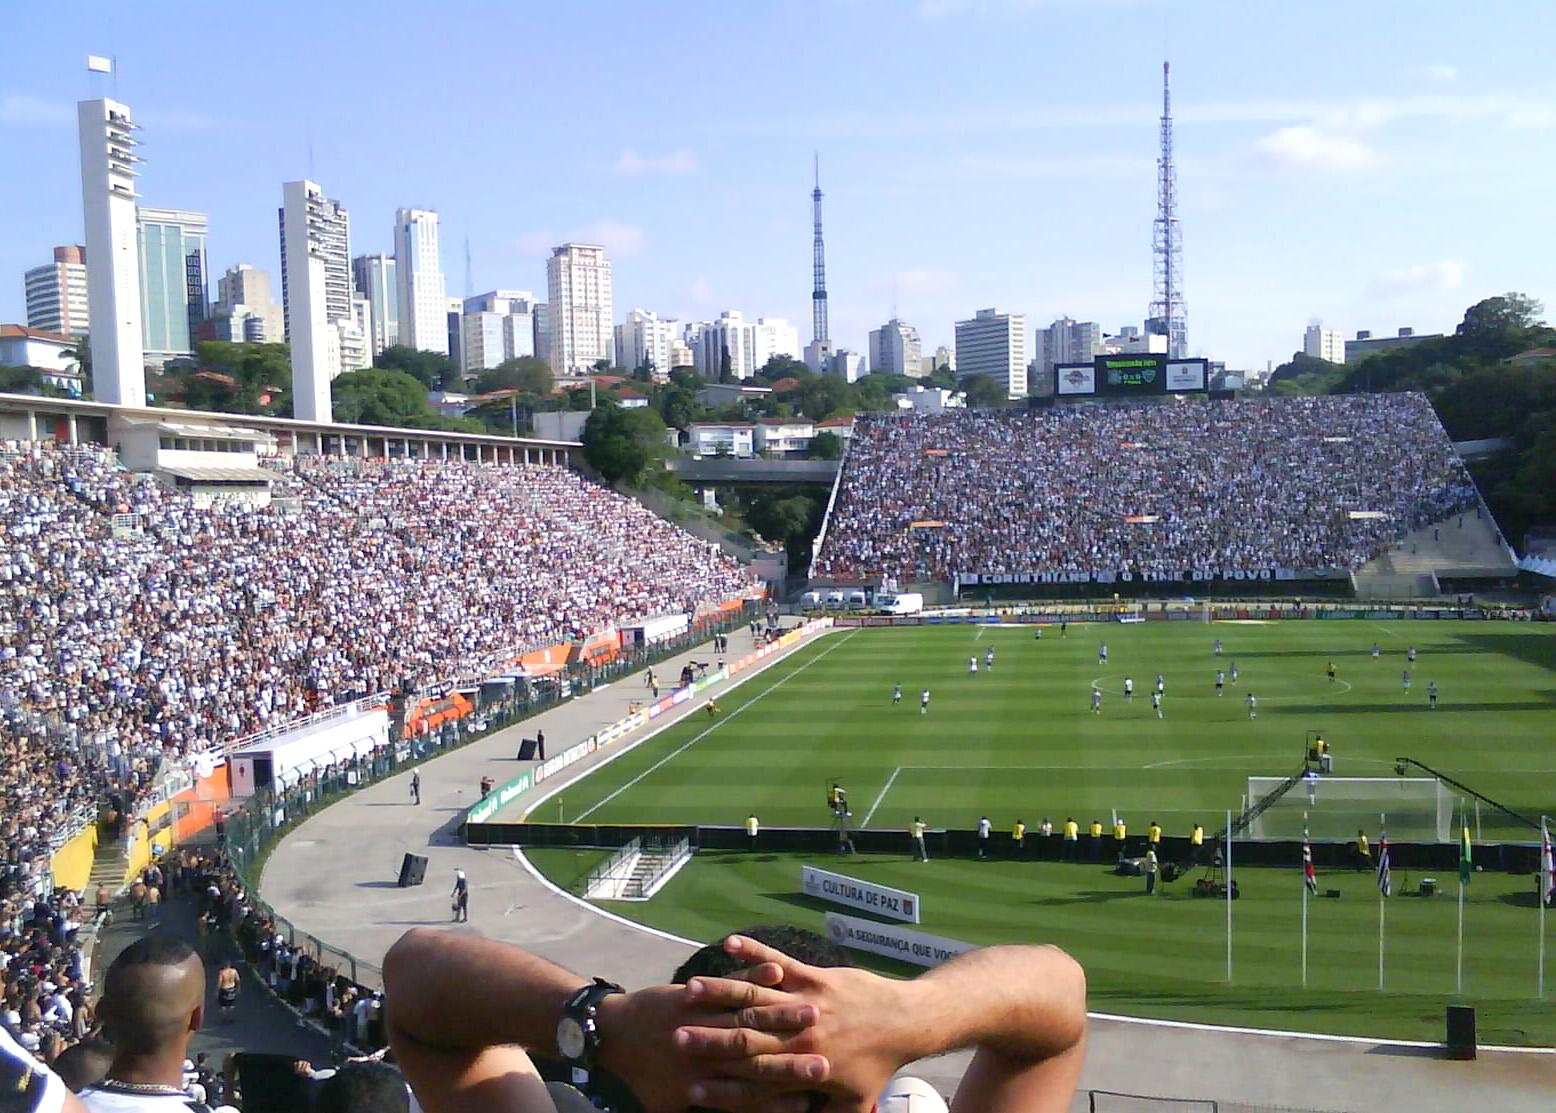 Descrição da imagem: foto do estádio do Pacaembu cheio pelo ponto de vista da arquibancada atrás de um dos gols. Em primeiro plano há um torcedor com as mãos na cabeça. Fim da descrição.